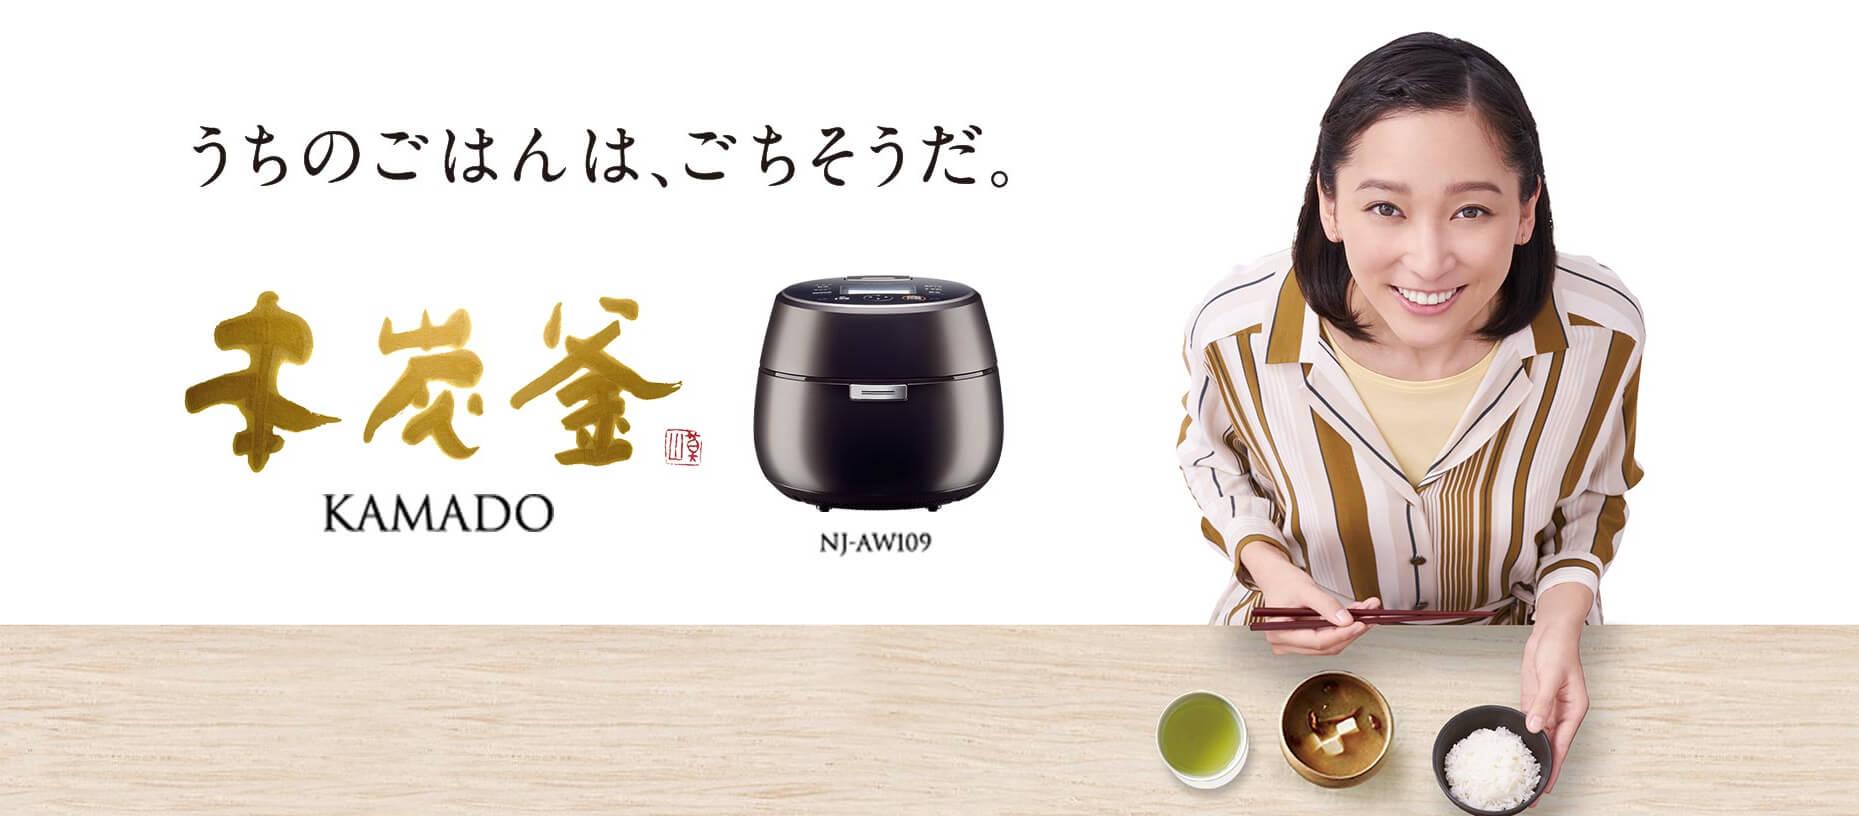 三菱 本炭釜 KAMADO 羽釜タイプ NJ-AW109 5.5合炊き